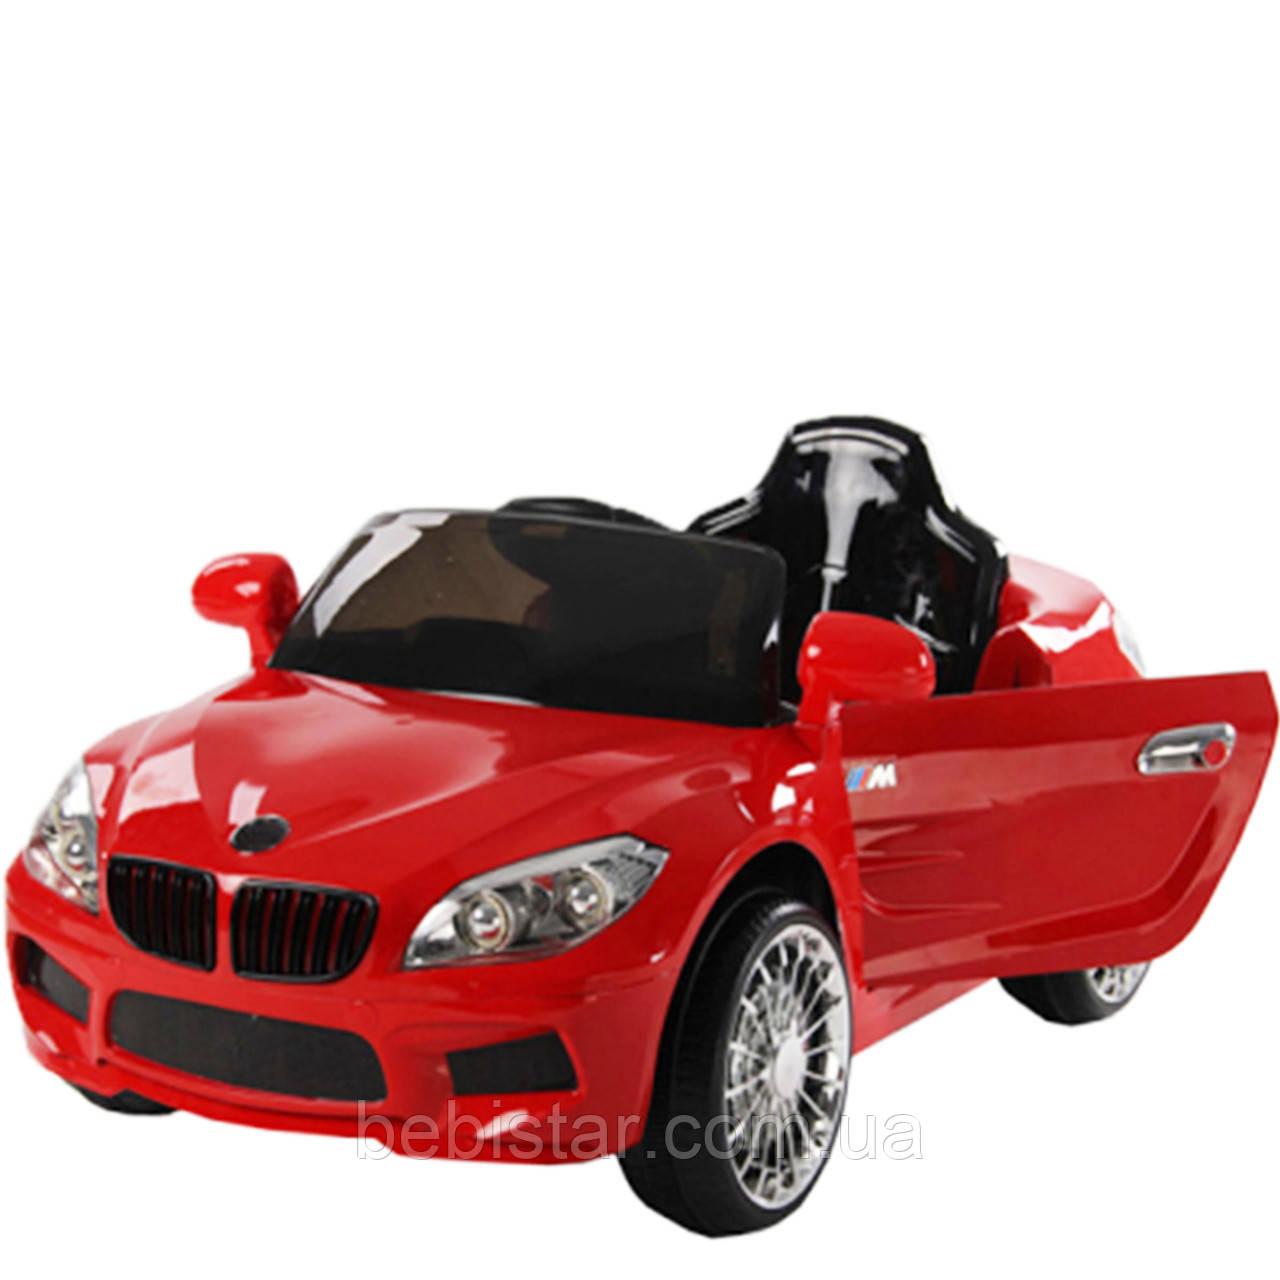 Електромобіль червоний T-764 RED для дітей 3-8 років з пультом мотор 1*20W акумулятор 6V4.5AH